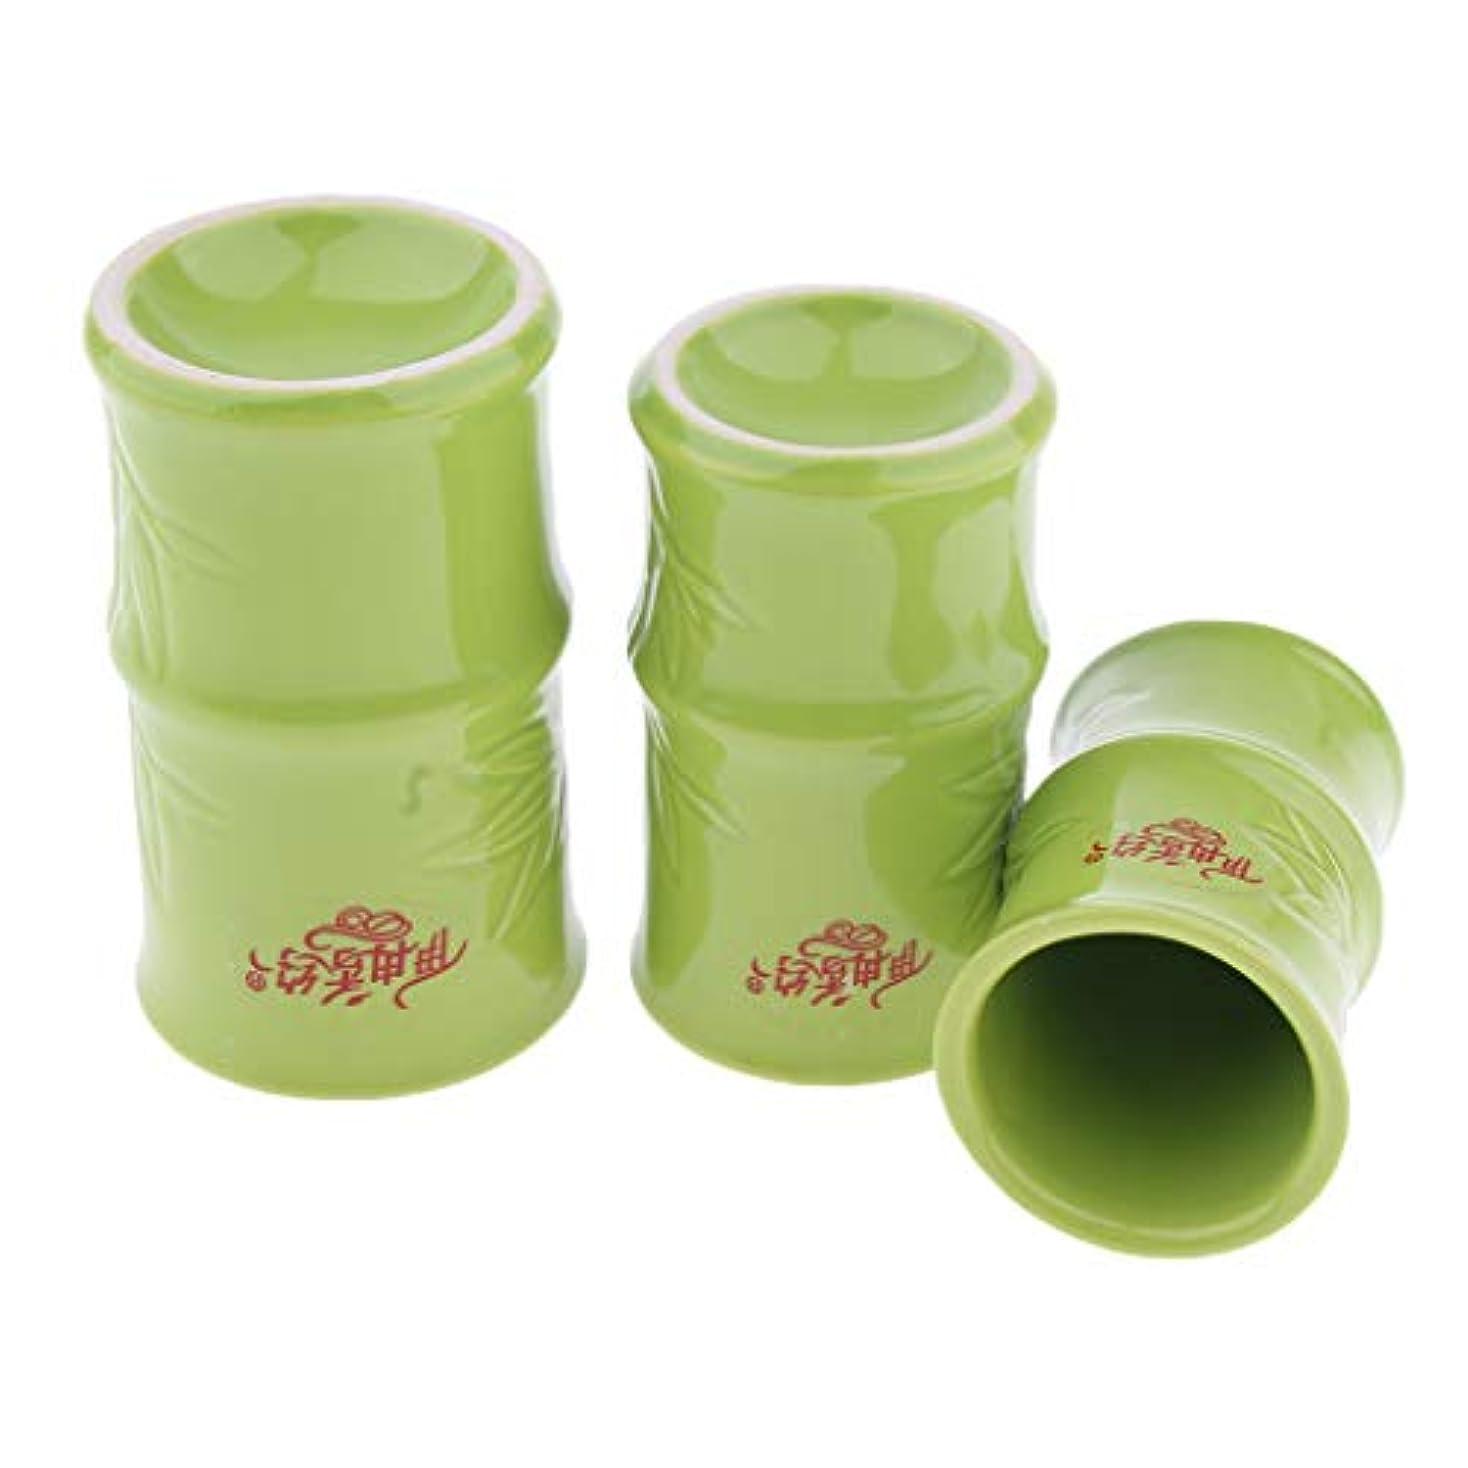 港無礼に無駄Perfeclan 中国 伝統的 健康法 吸玉 手軽 カッピングカップ 3個セット セラミック製 ボディ マッサージ